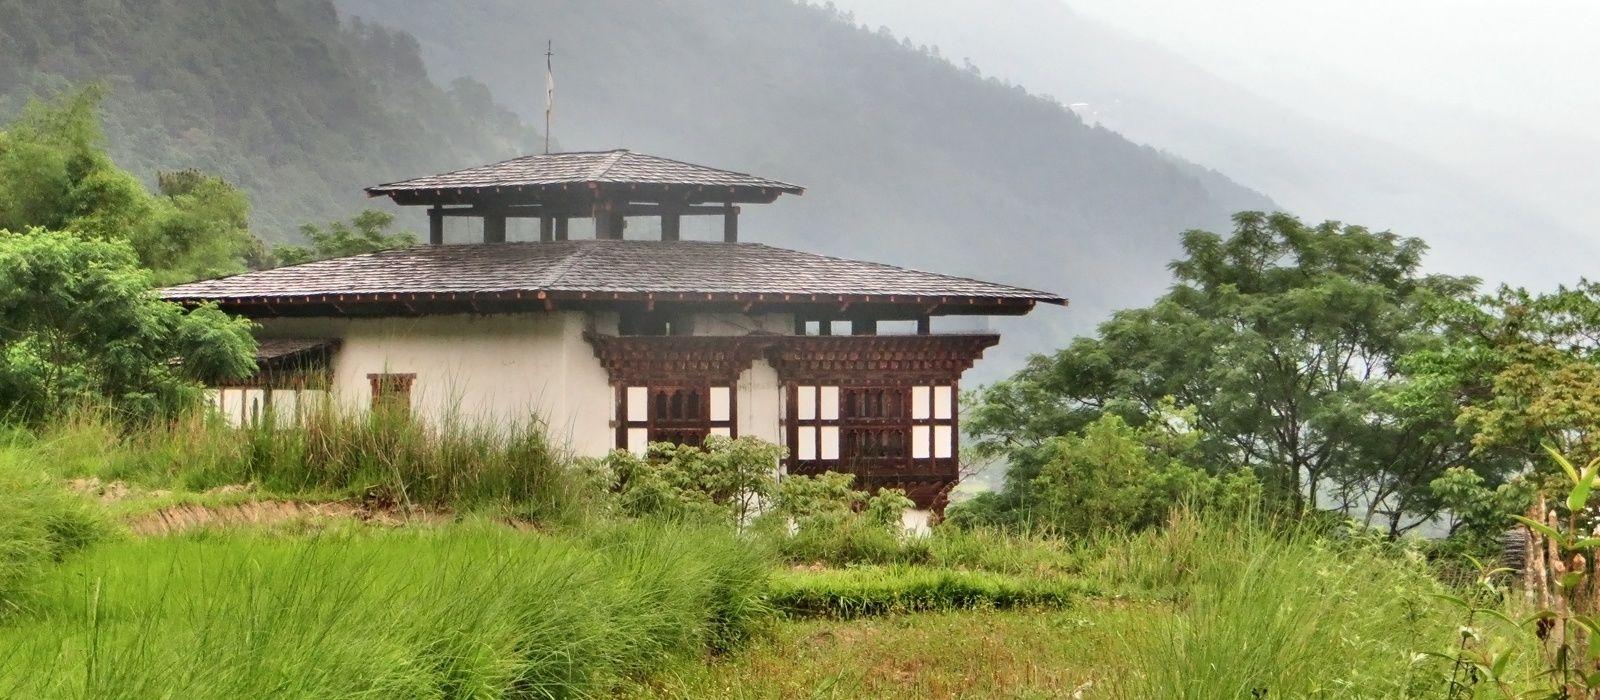 Destination Gangtey Bhutan